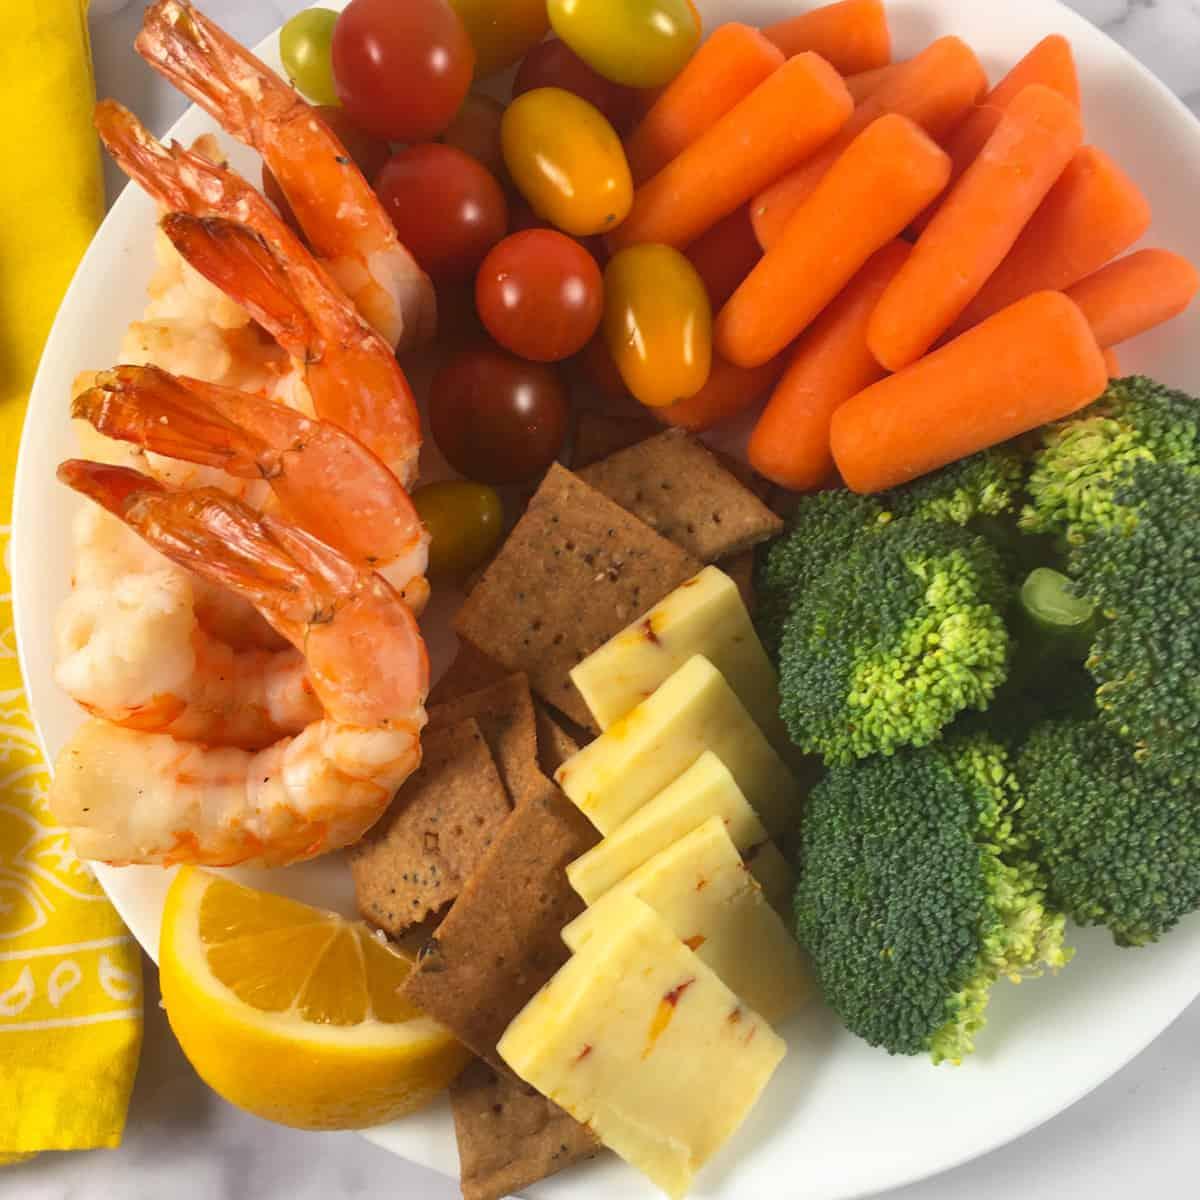 shrimp lemons cheese crackers vegetables